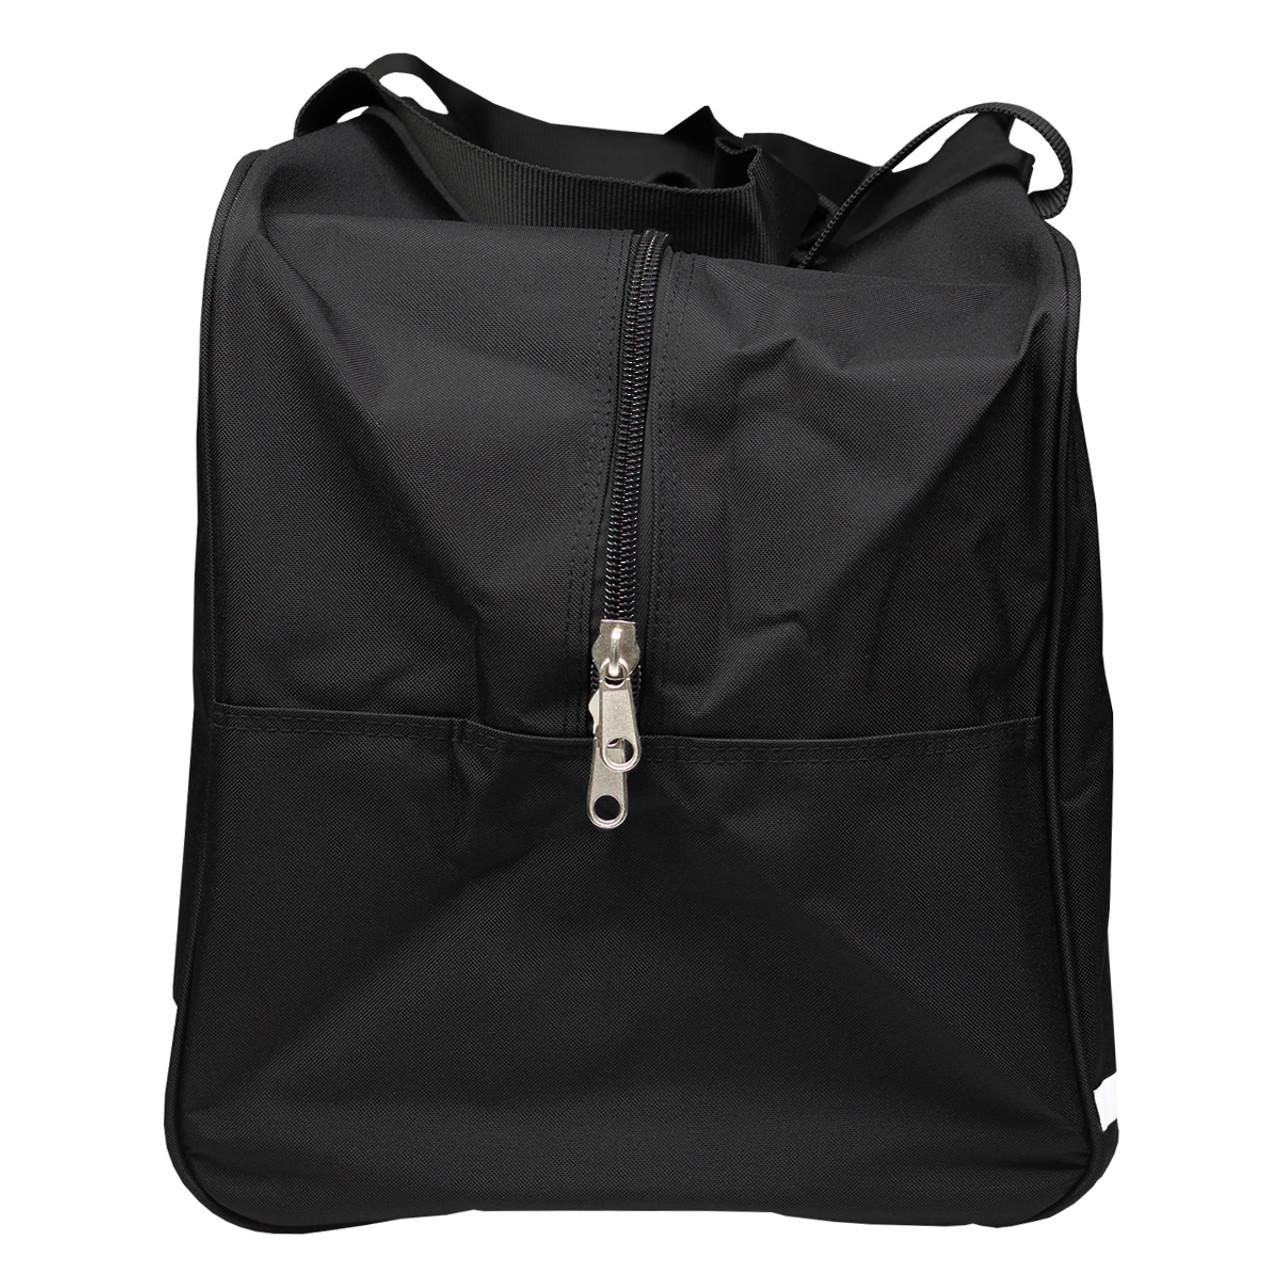 e44c79de8b5 CCM 310 Player Core Carry Hockey Gear Bag 32